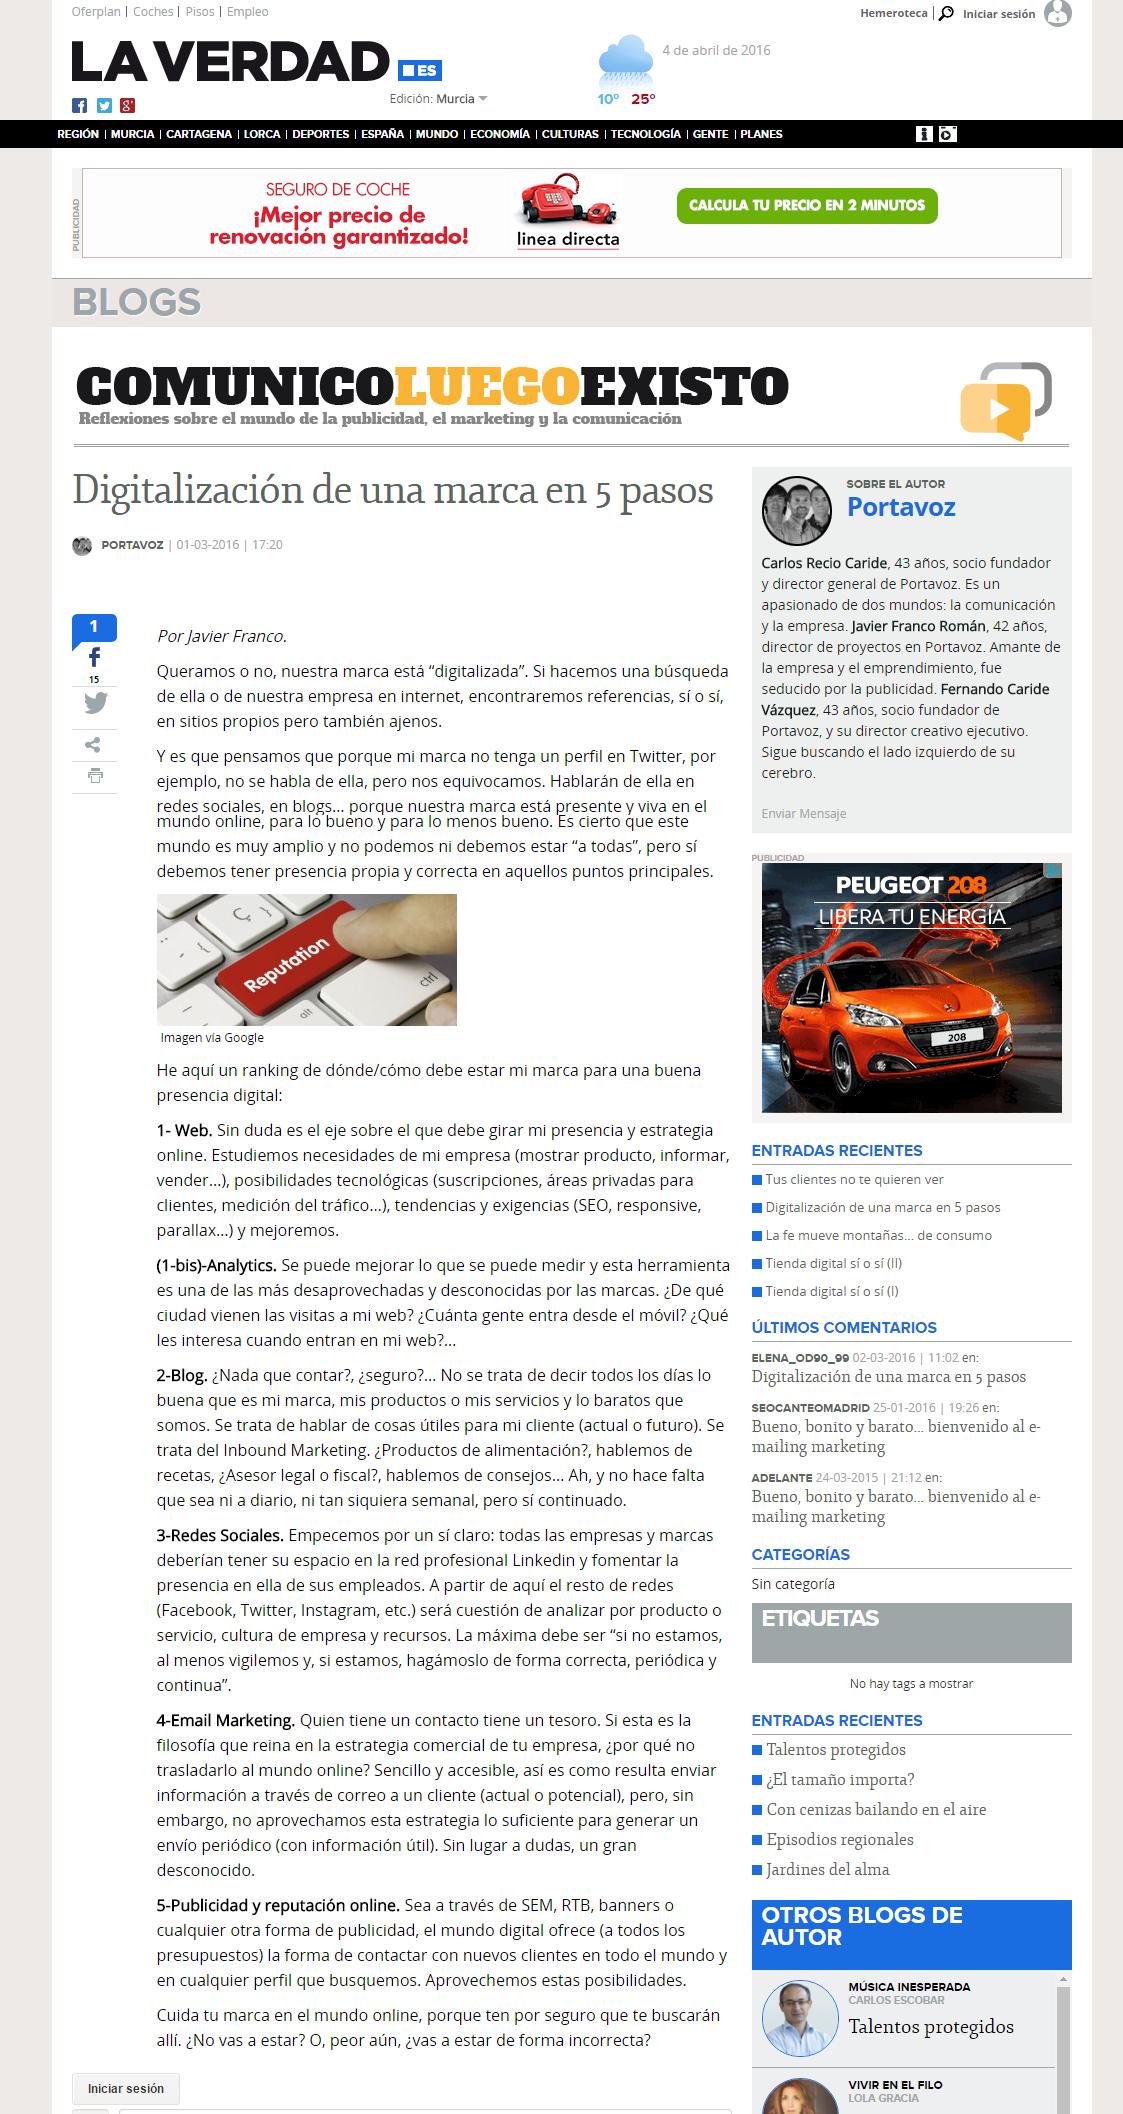 FireShot Capture 80 - Digitalización de una marca en 5 pasos_ - http___blogs.laverdad.es_comunicol